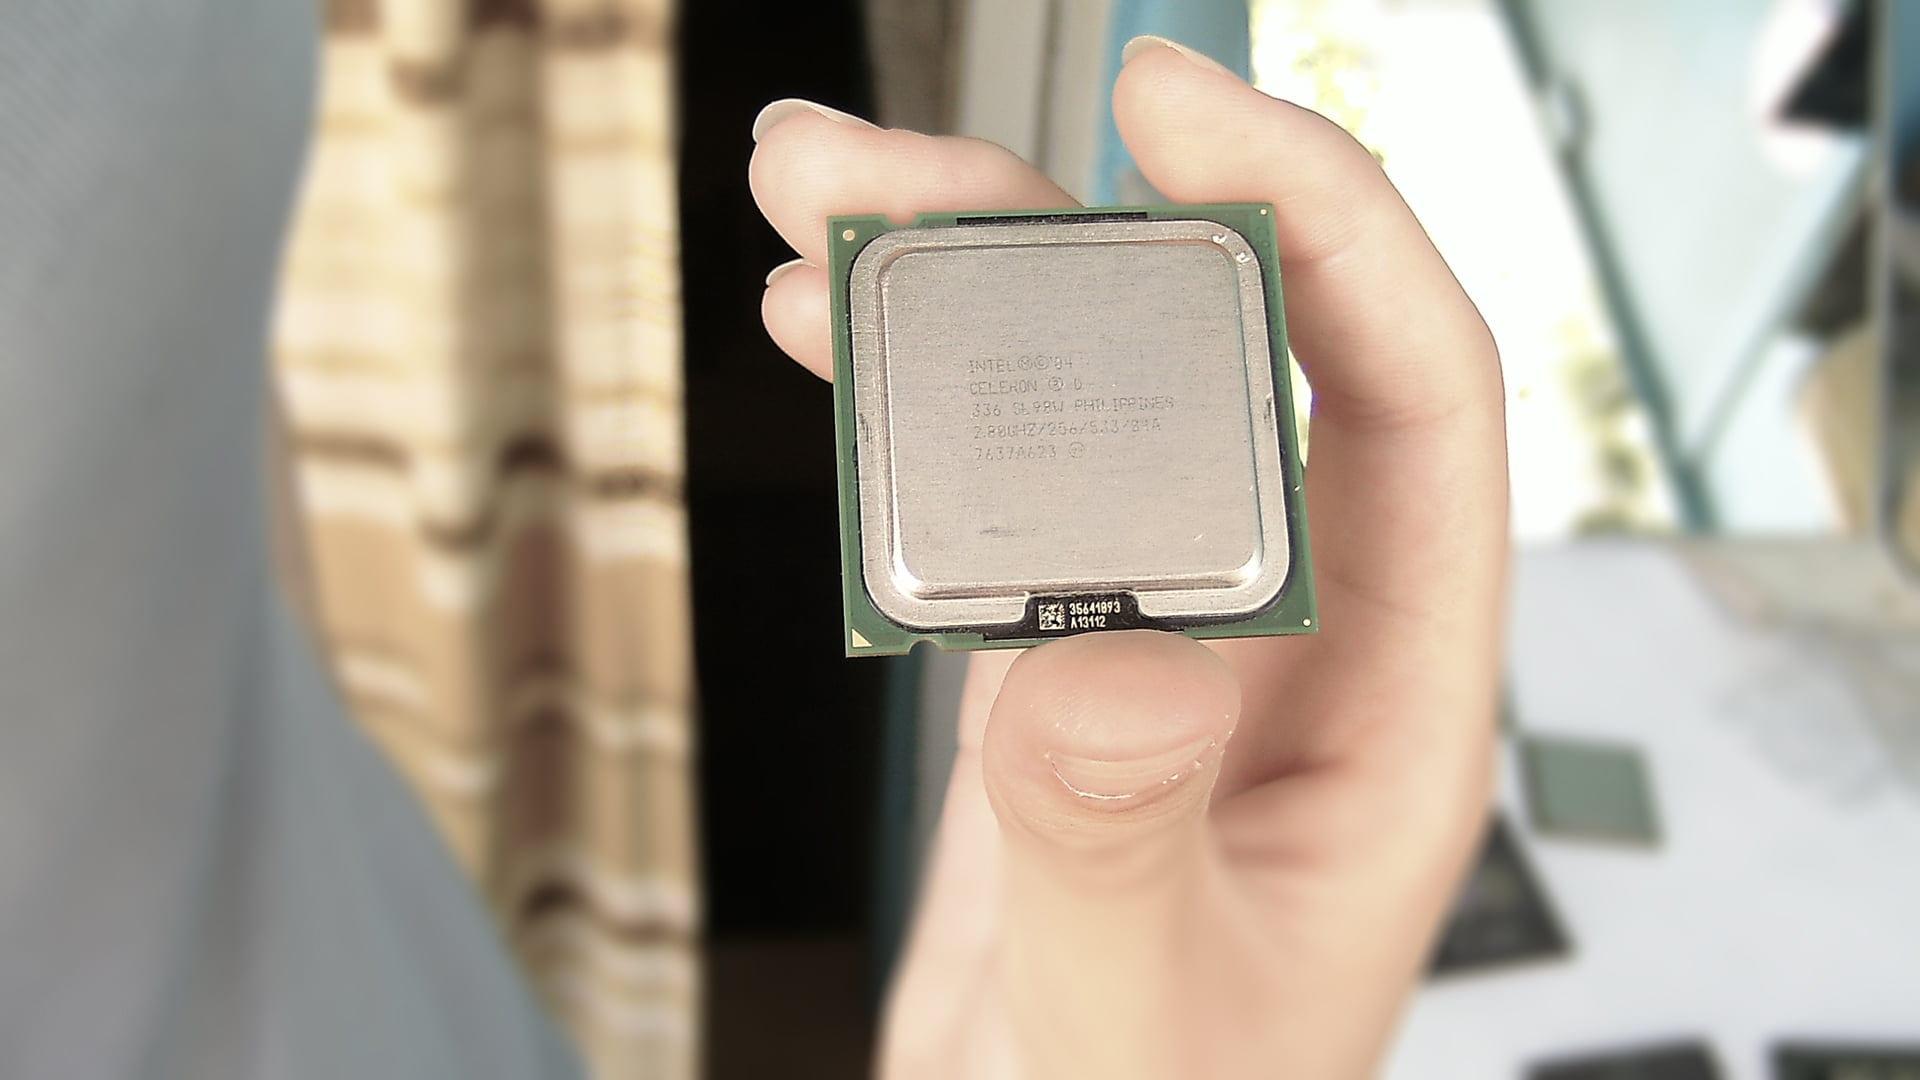 Разгон и тестирование процессора AMD Athlon II X2 220 (Regor, 45нм, 2800МГц)